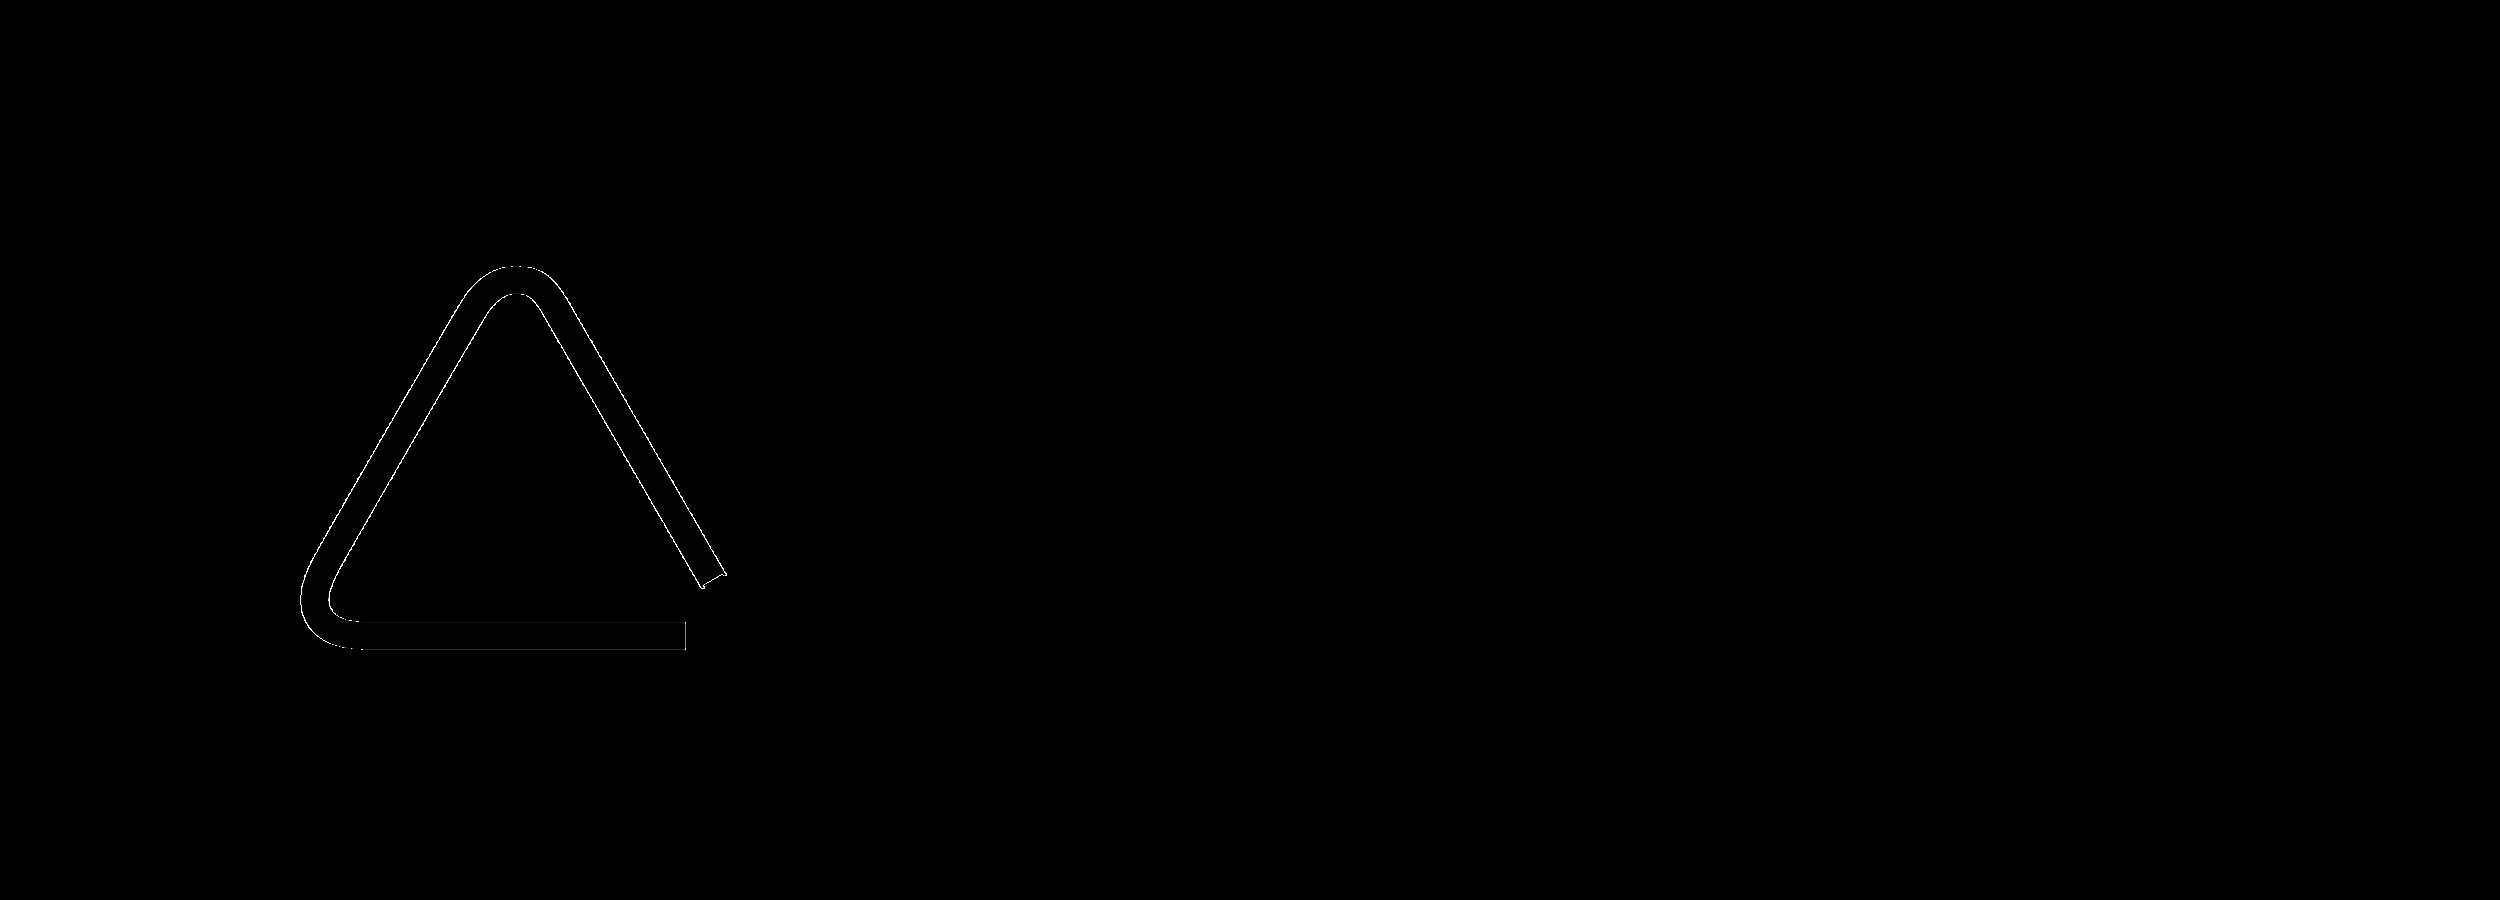 2018 logo-01.png